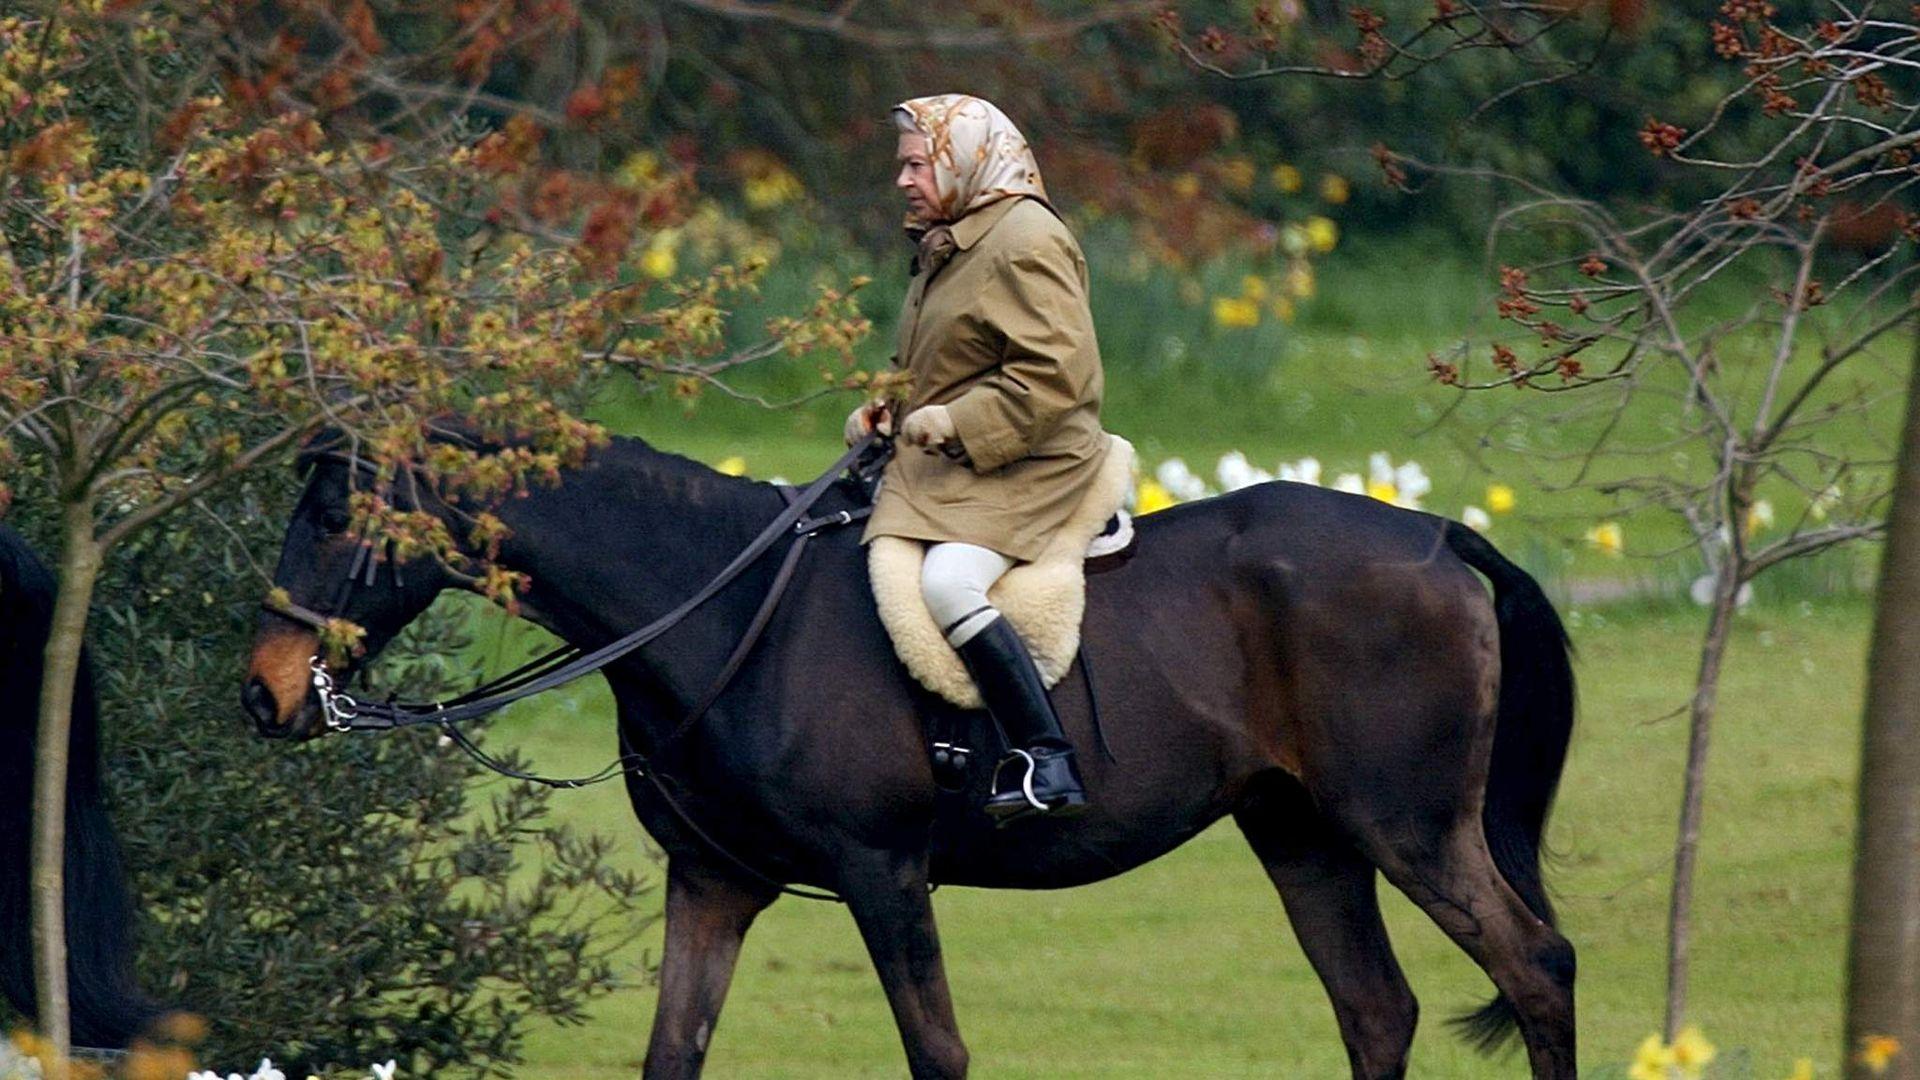 Бесплатная лошадь - сыр в мышеловке? - фото rtx29wov-1-2048x1536_3466727, главная Содержание лошади , конный журнал EquiLIfe